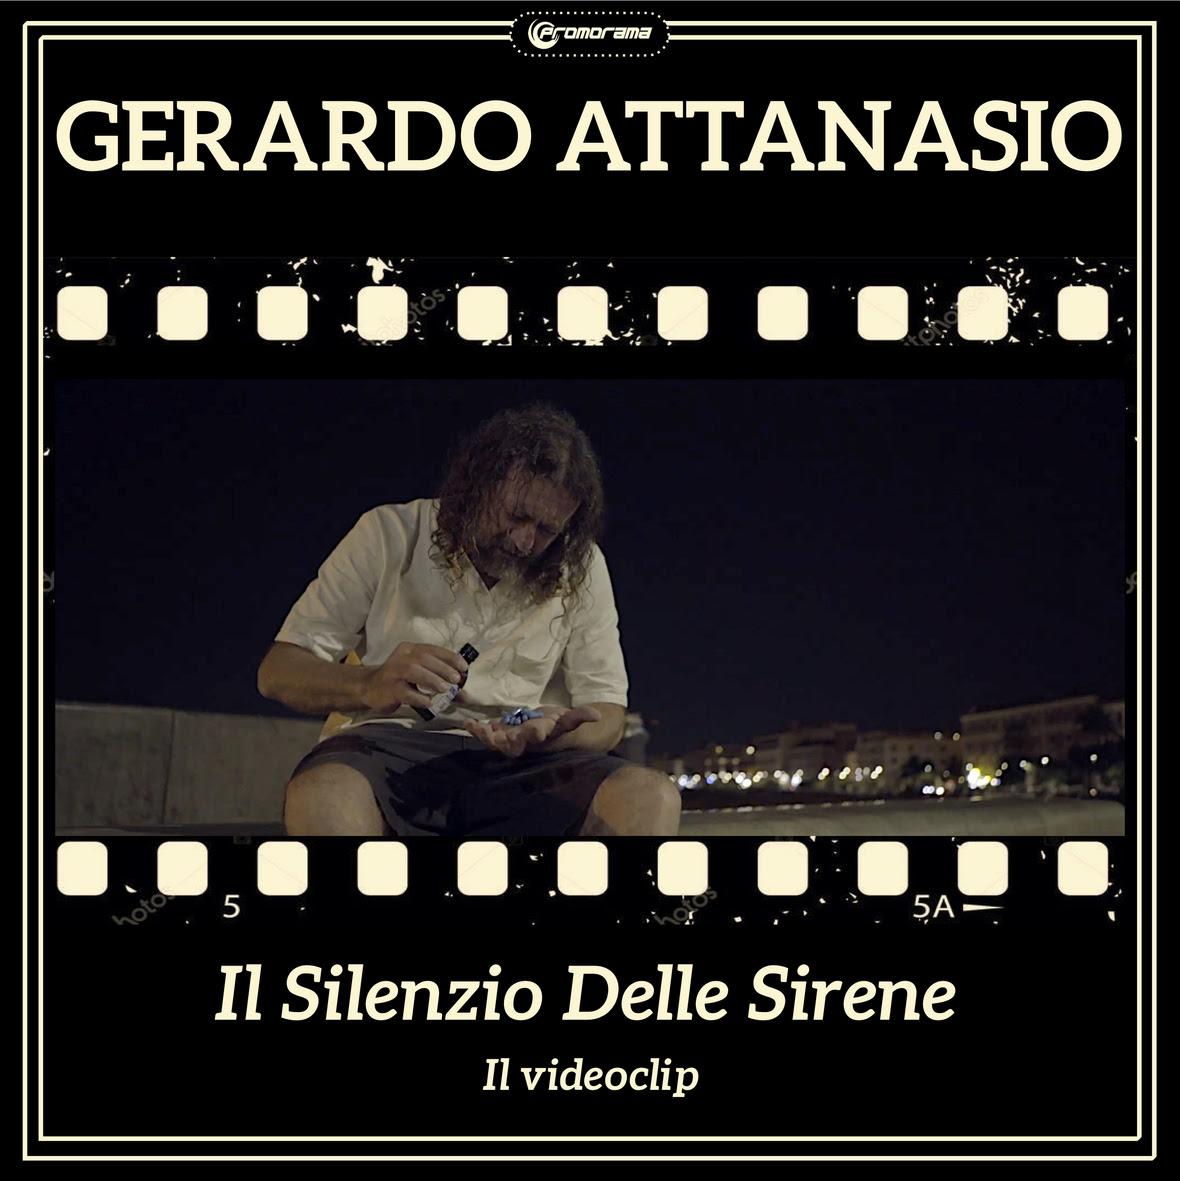 Gerardo Atanasio - Il Silenzio Delle Sirene